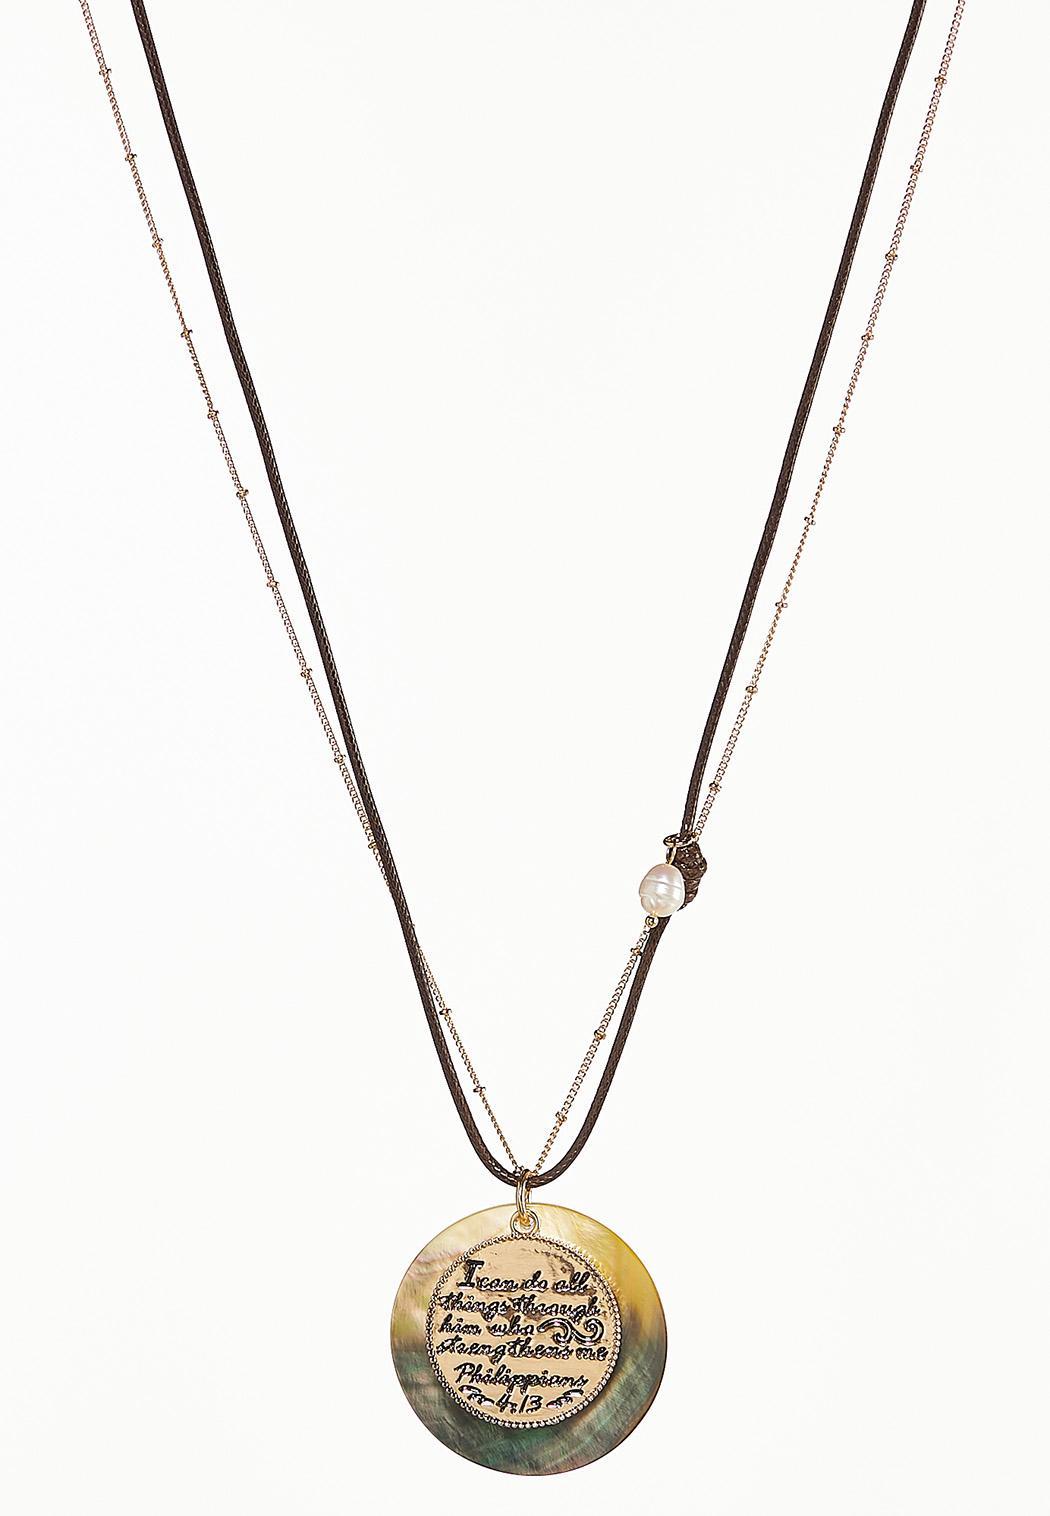 Philippians Pendant Necklace